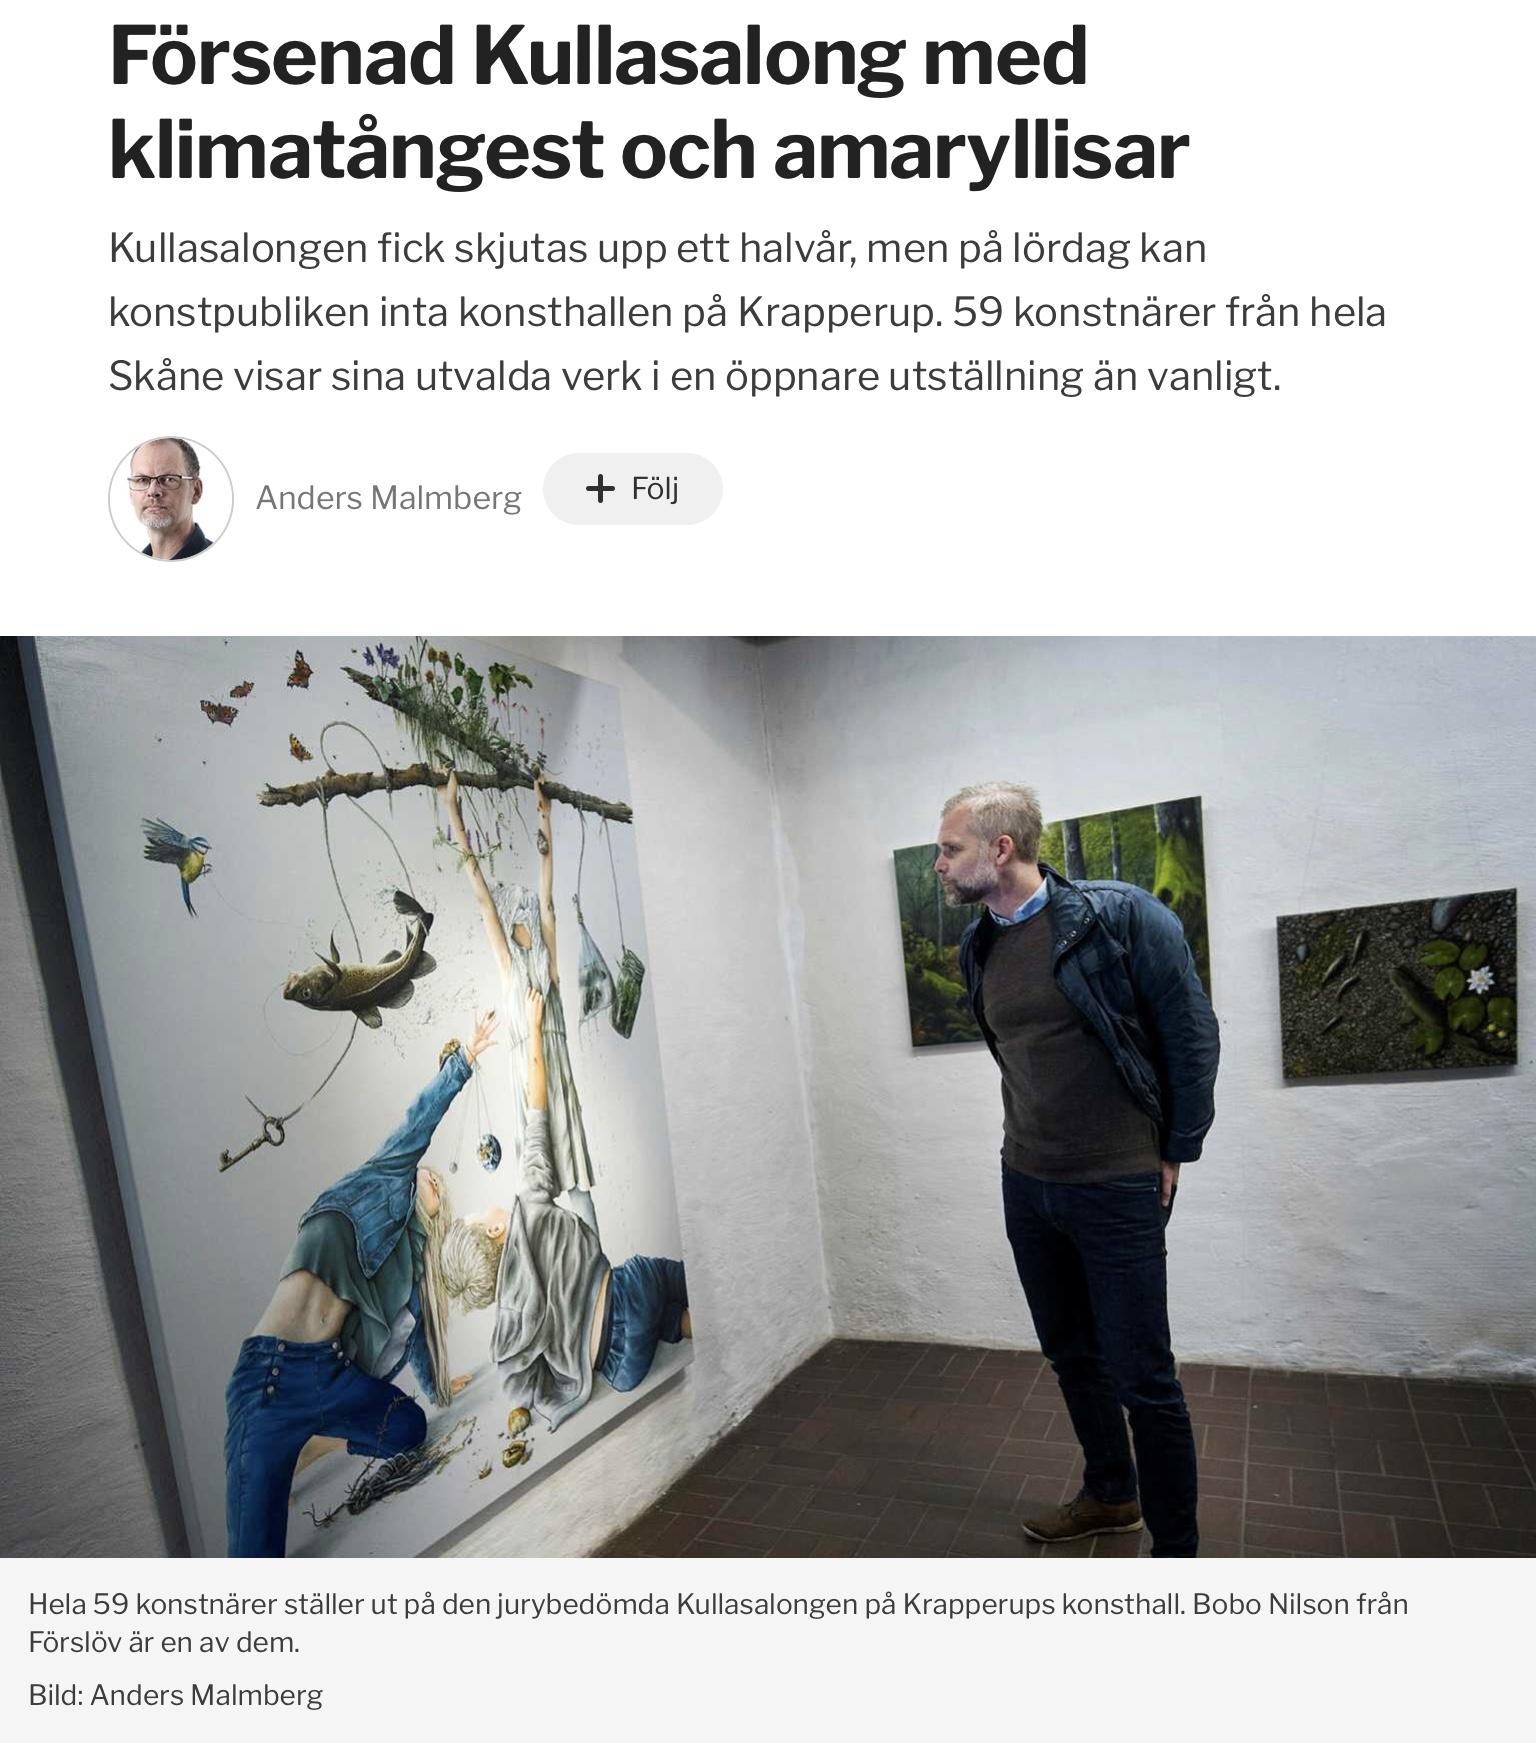 Artikel i Helsingborgs Dagblad